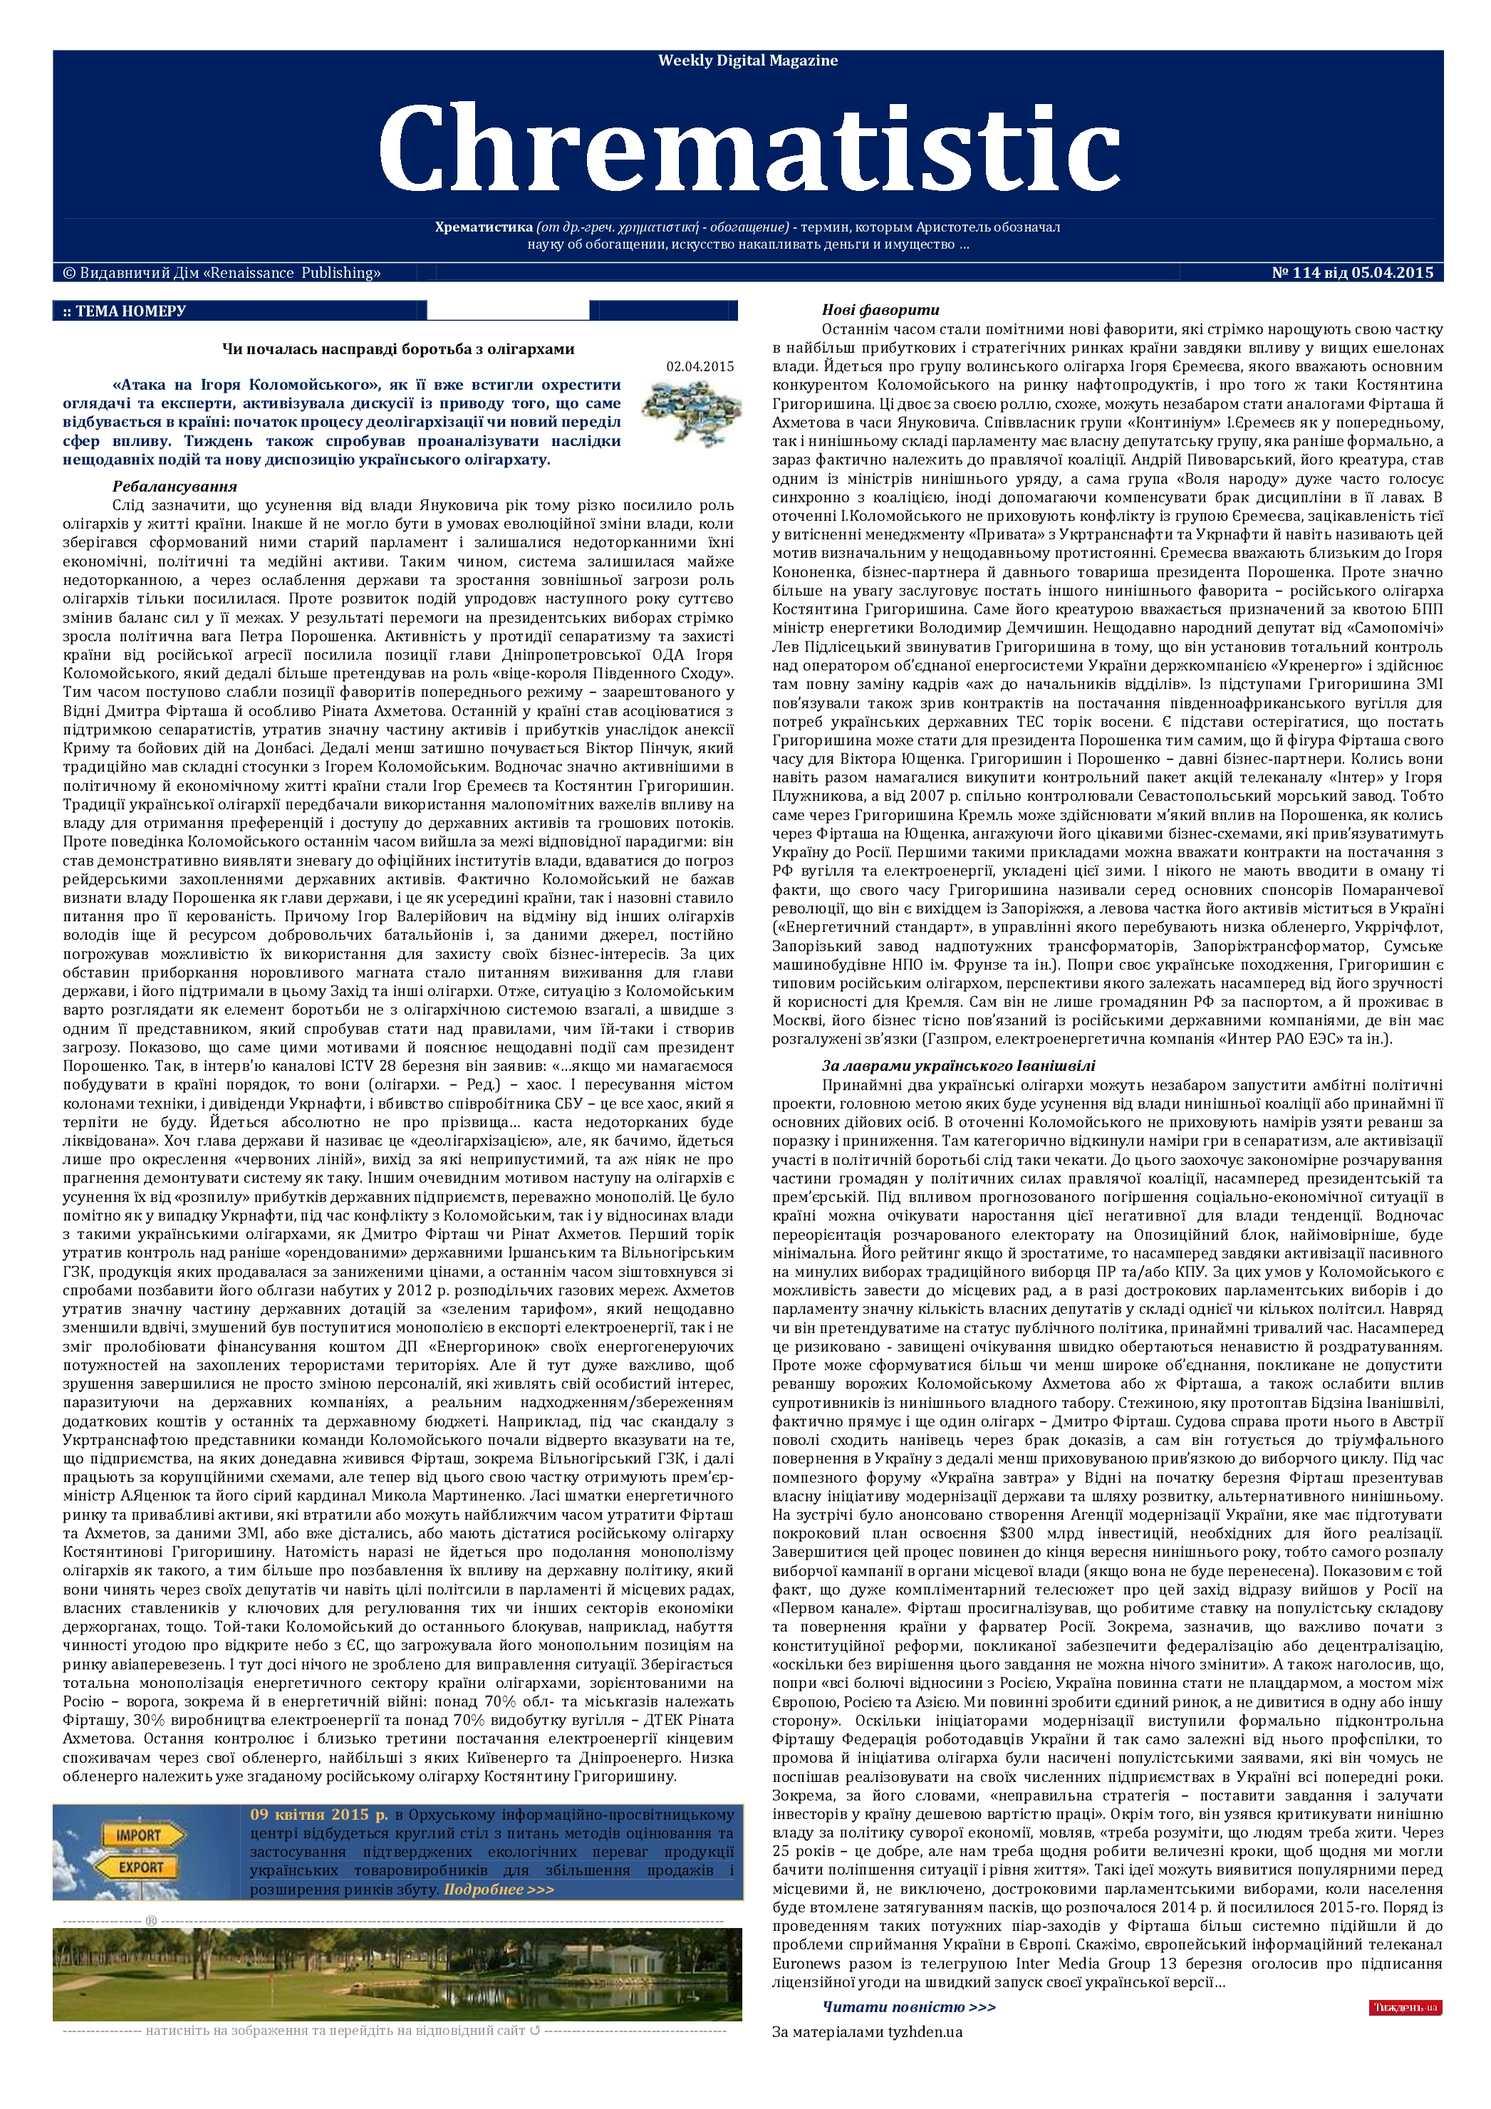 Calaméo - №114 Wdm «Chrematistic» от 05 04 2015 d9158bfc78a82